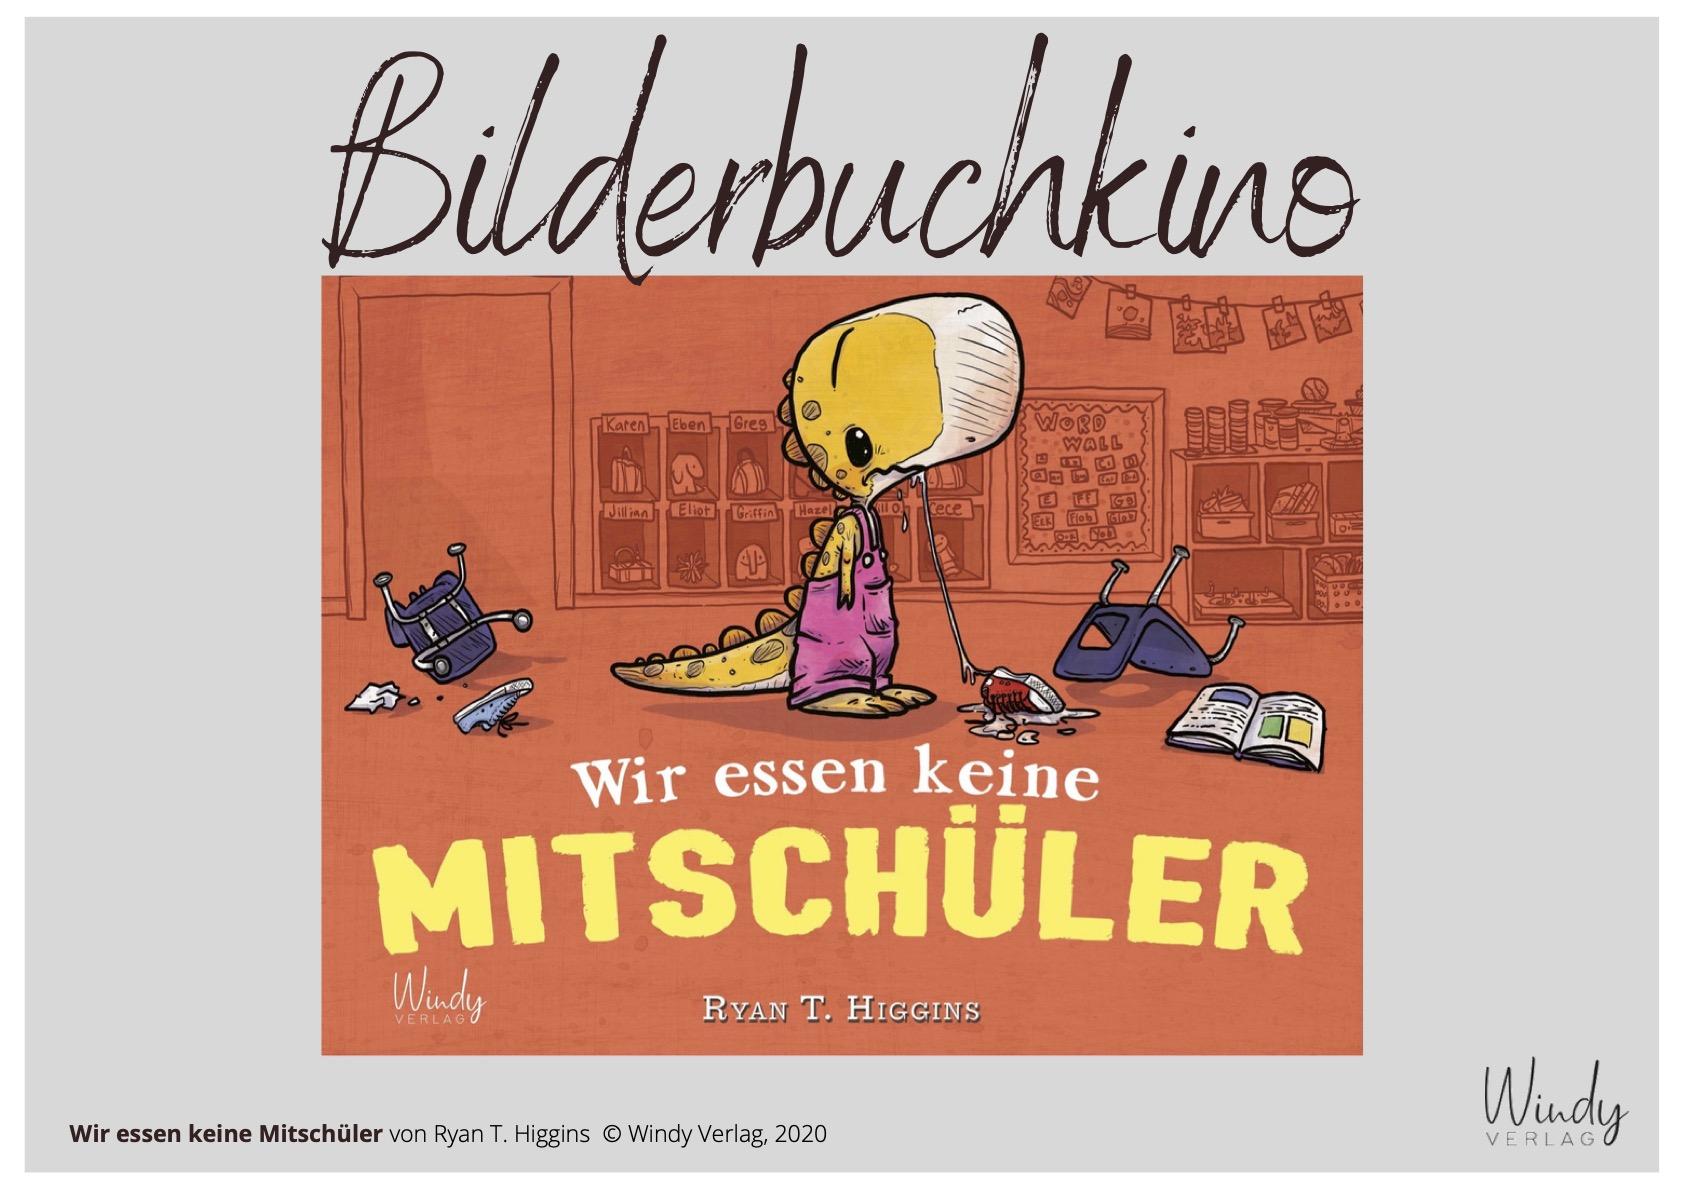 Bilderbuchkino - Wir essen keine Mitschüler